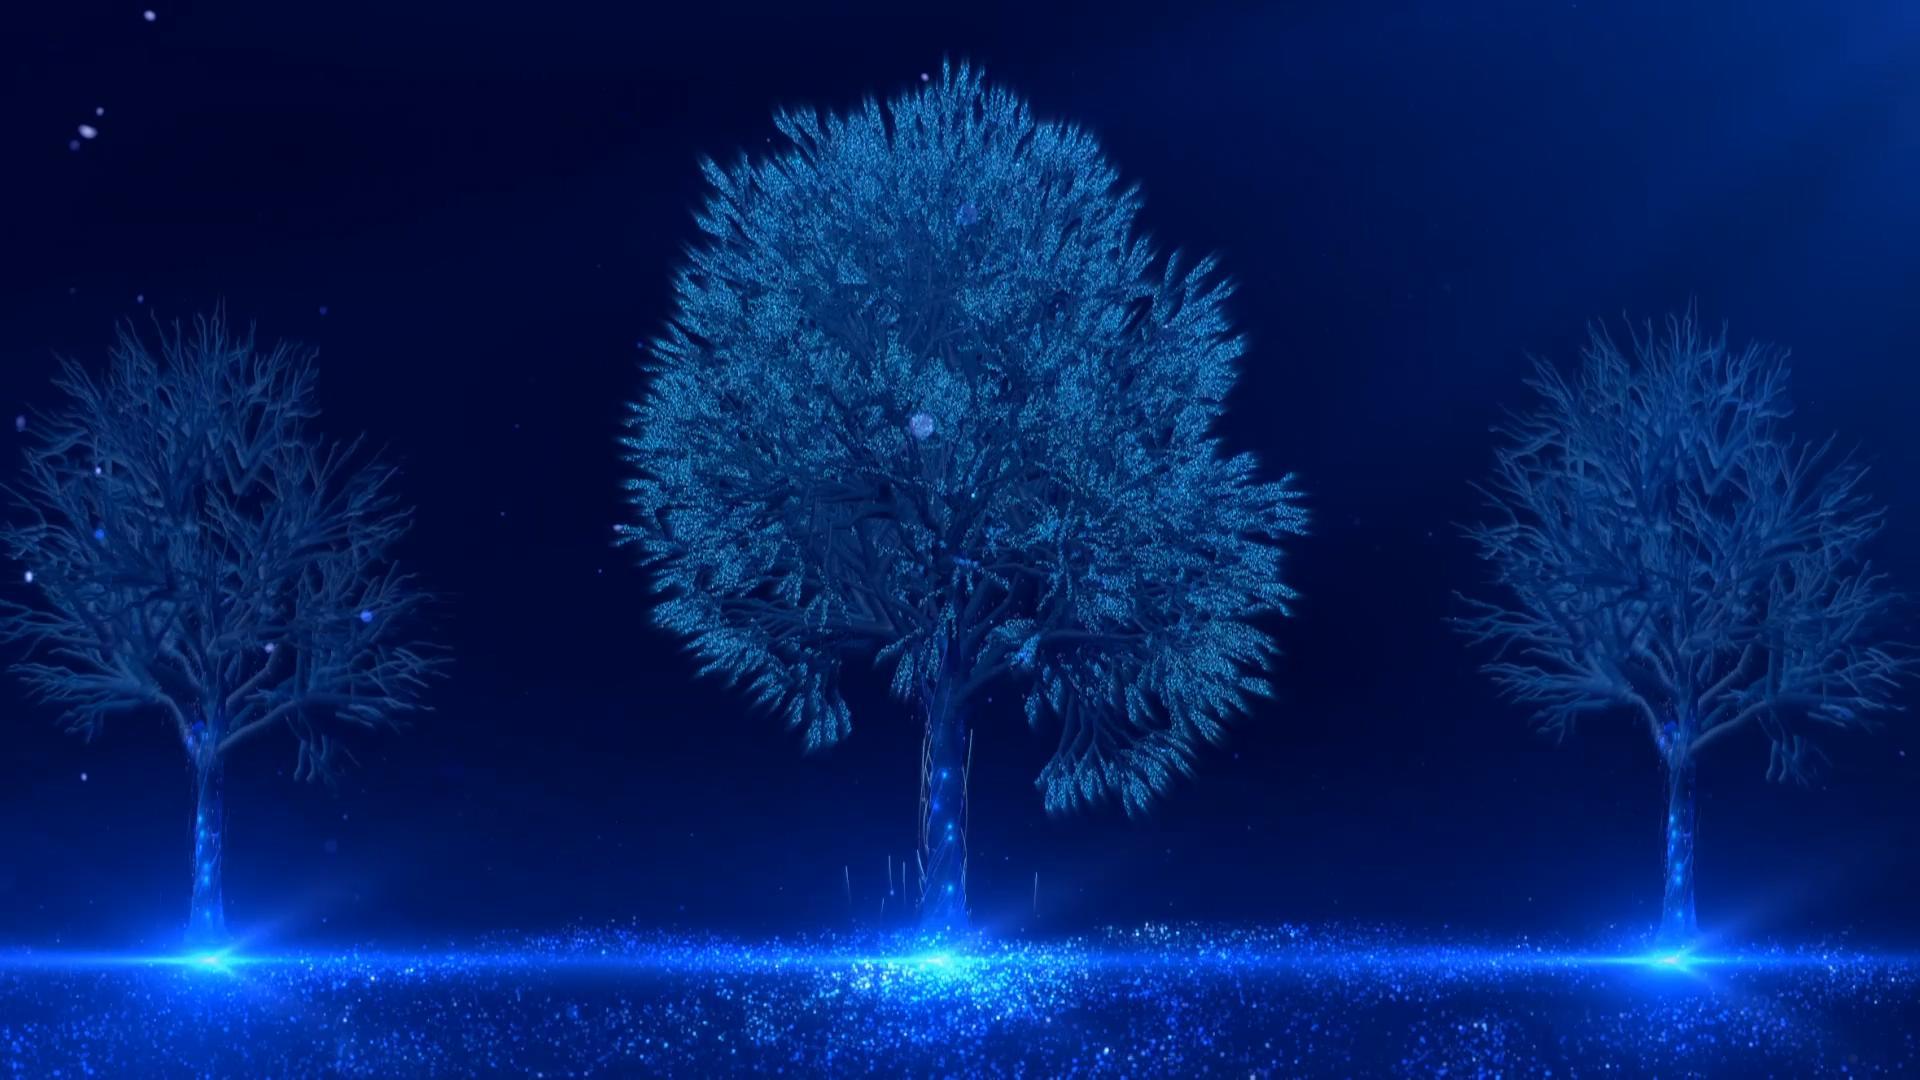 唯美蓝色光线粒子树LED视频素材